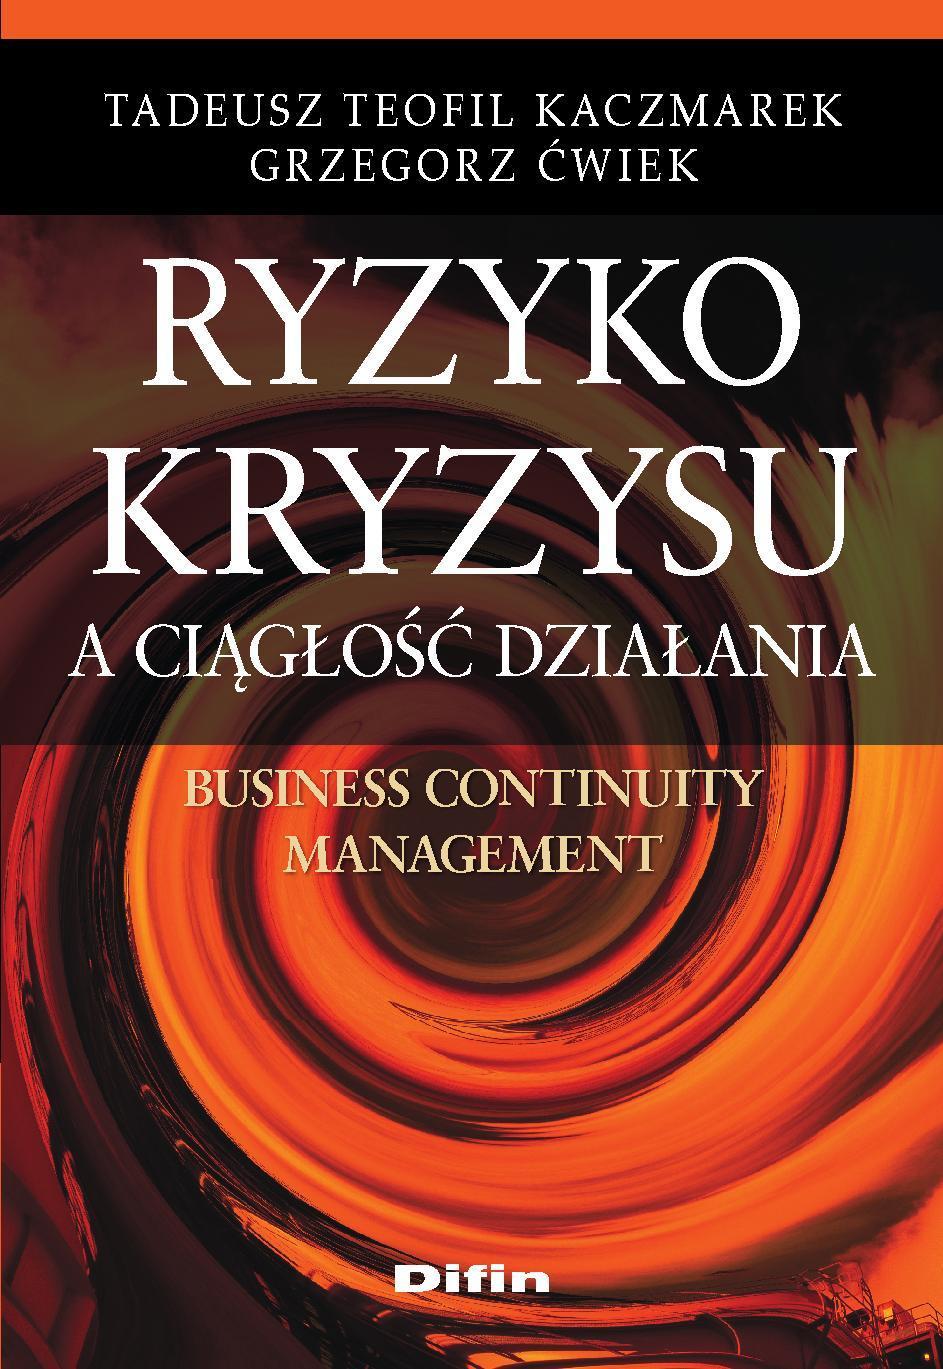 Ryzyko kryzysu a ciągłość działania. Business Continuity Management - Ebook (Książka PDF) do pobrania w formacie PDF